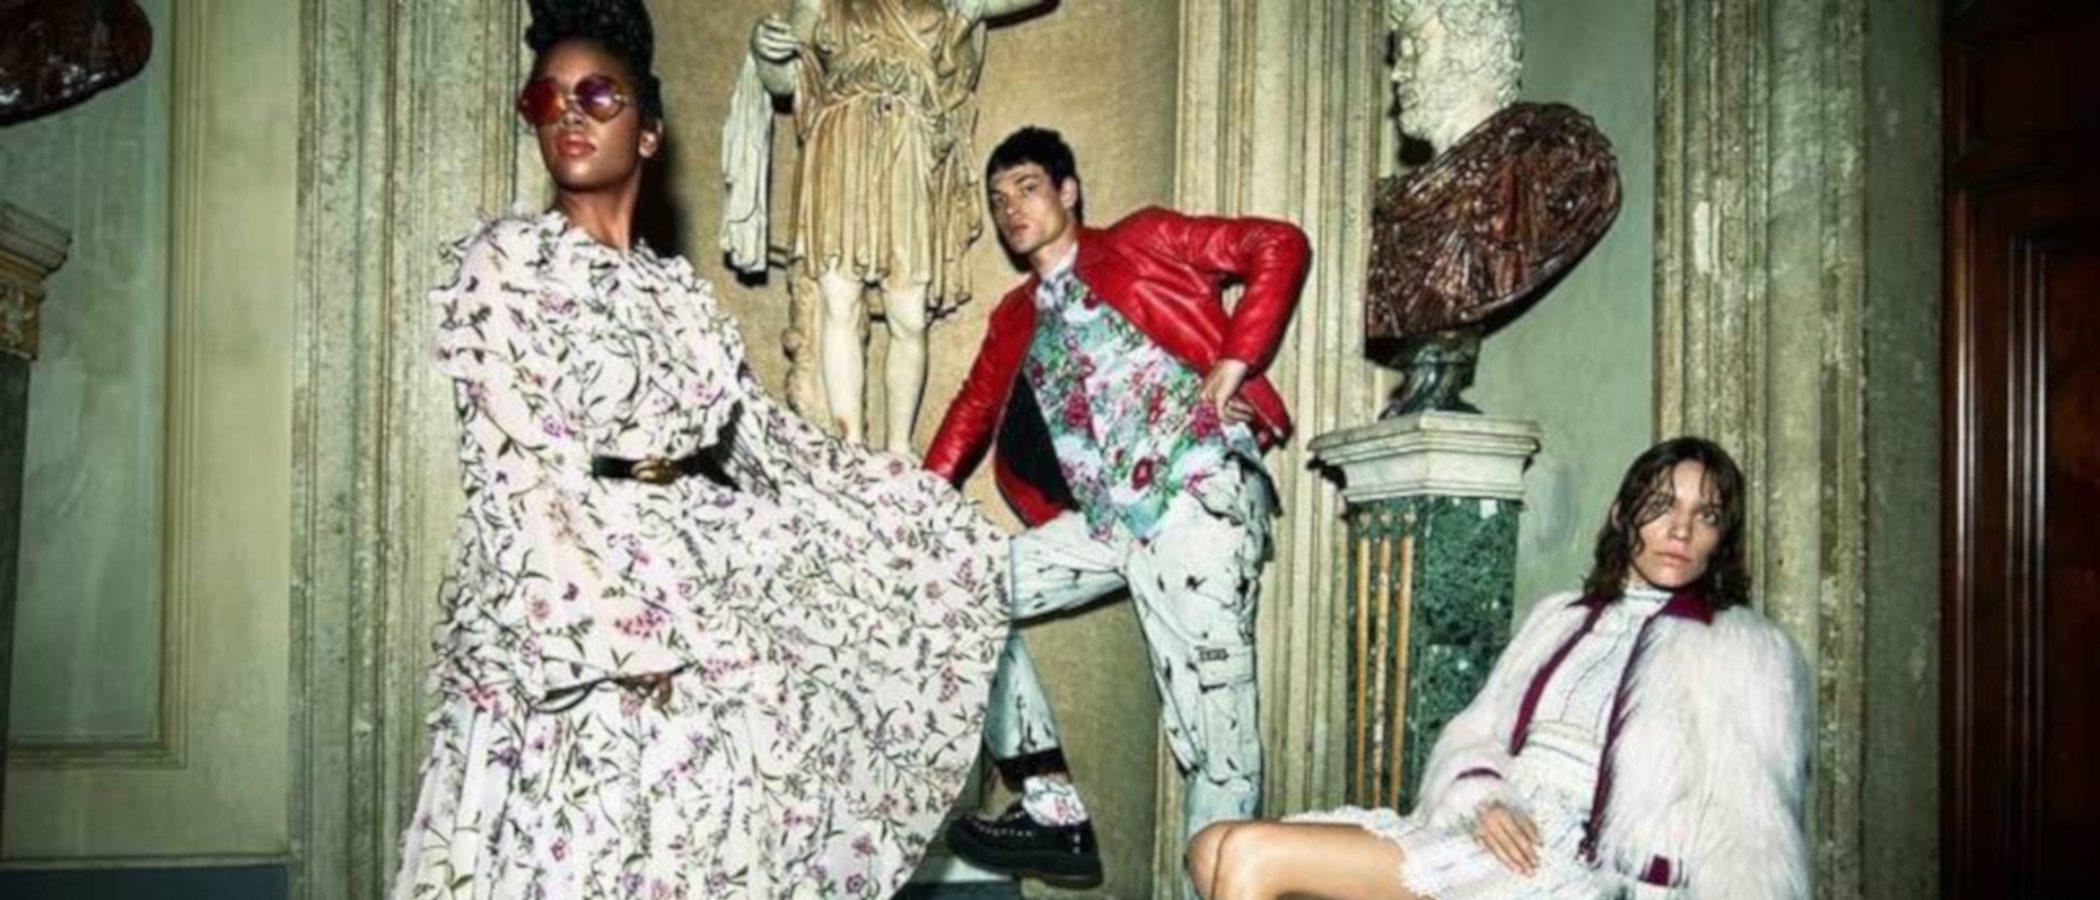 H&M comienza a alquilar prendas de sus colecciones exclusivas